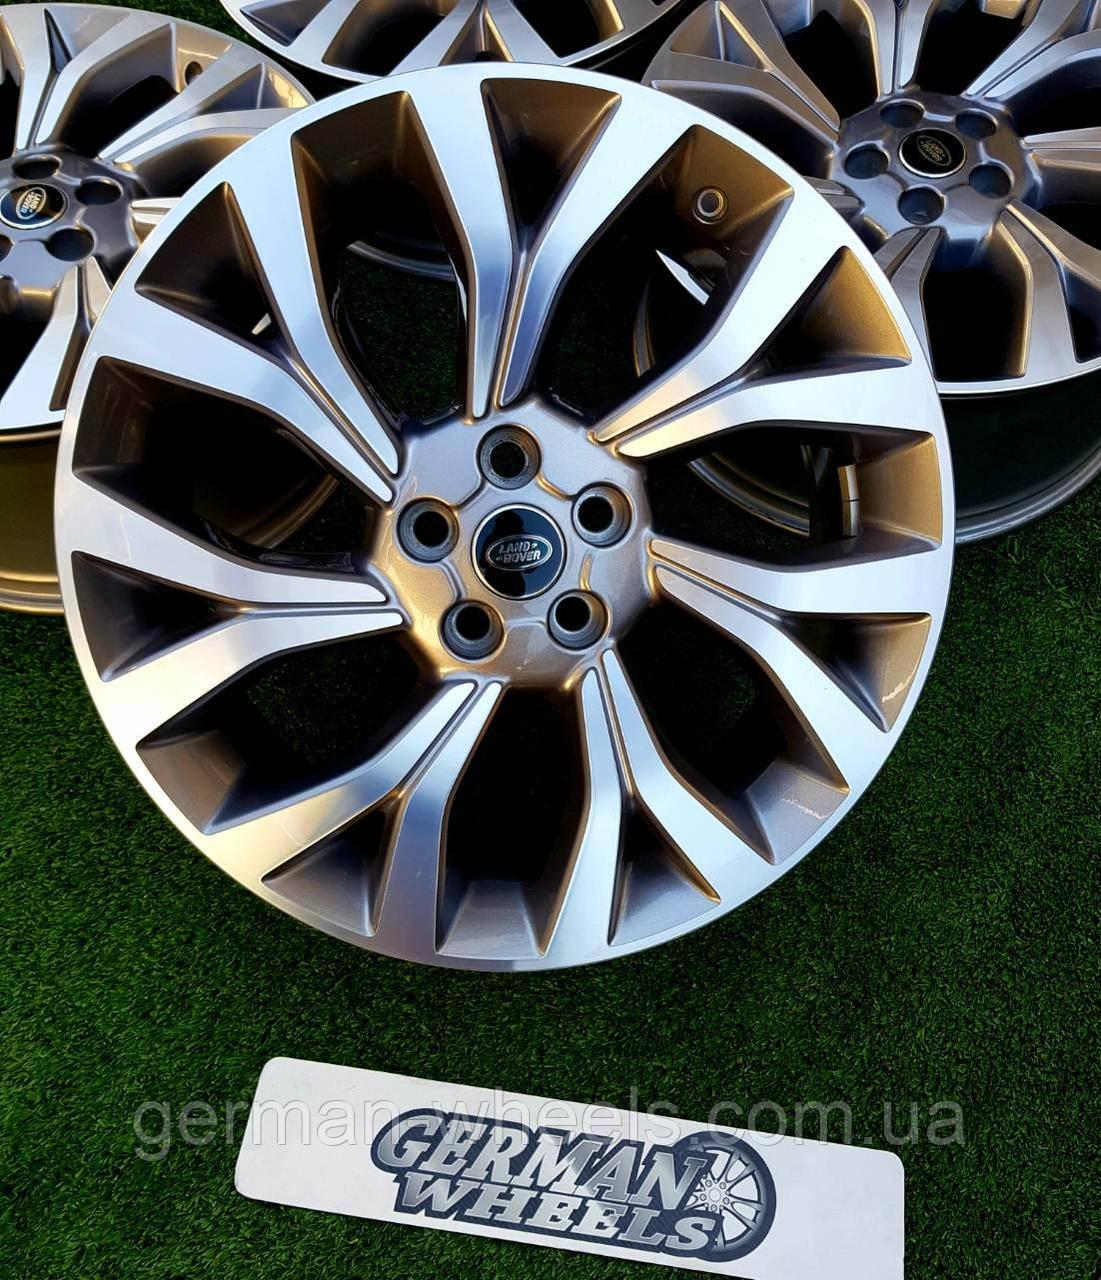 Оригинальные 21 - дюймовые диски Land Rover Range Rover Sport